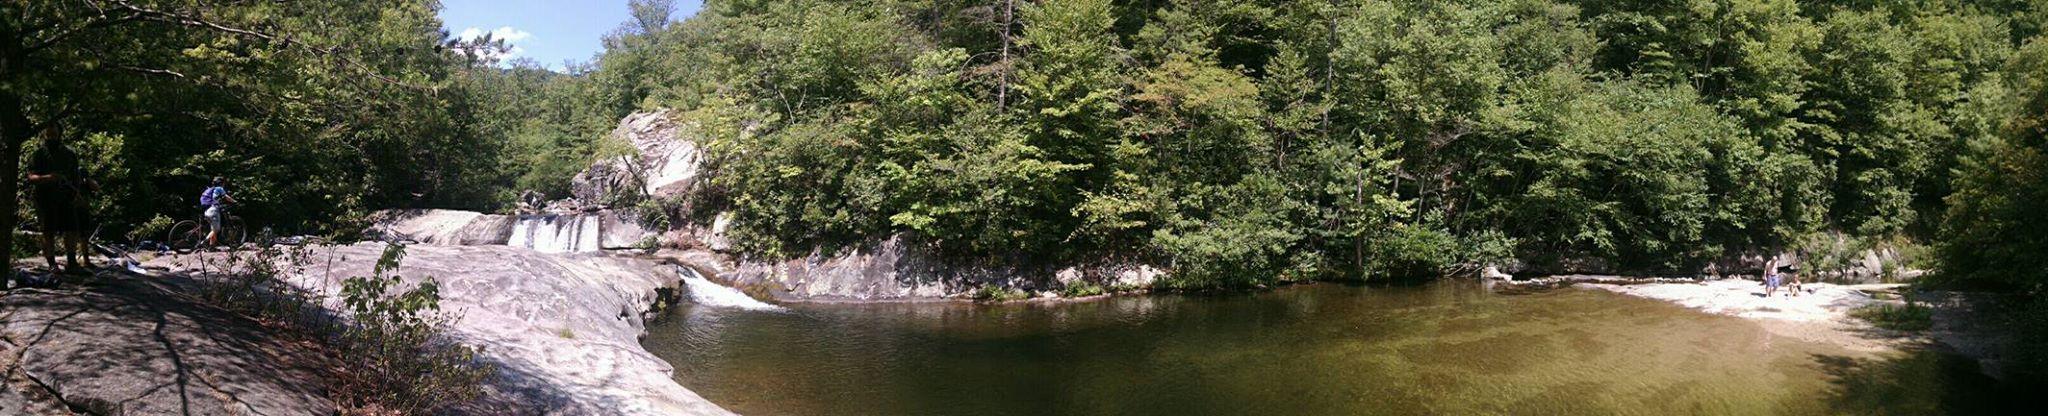 Huntfish Gap Falls